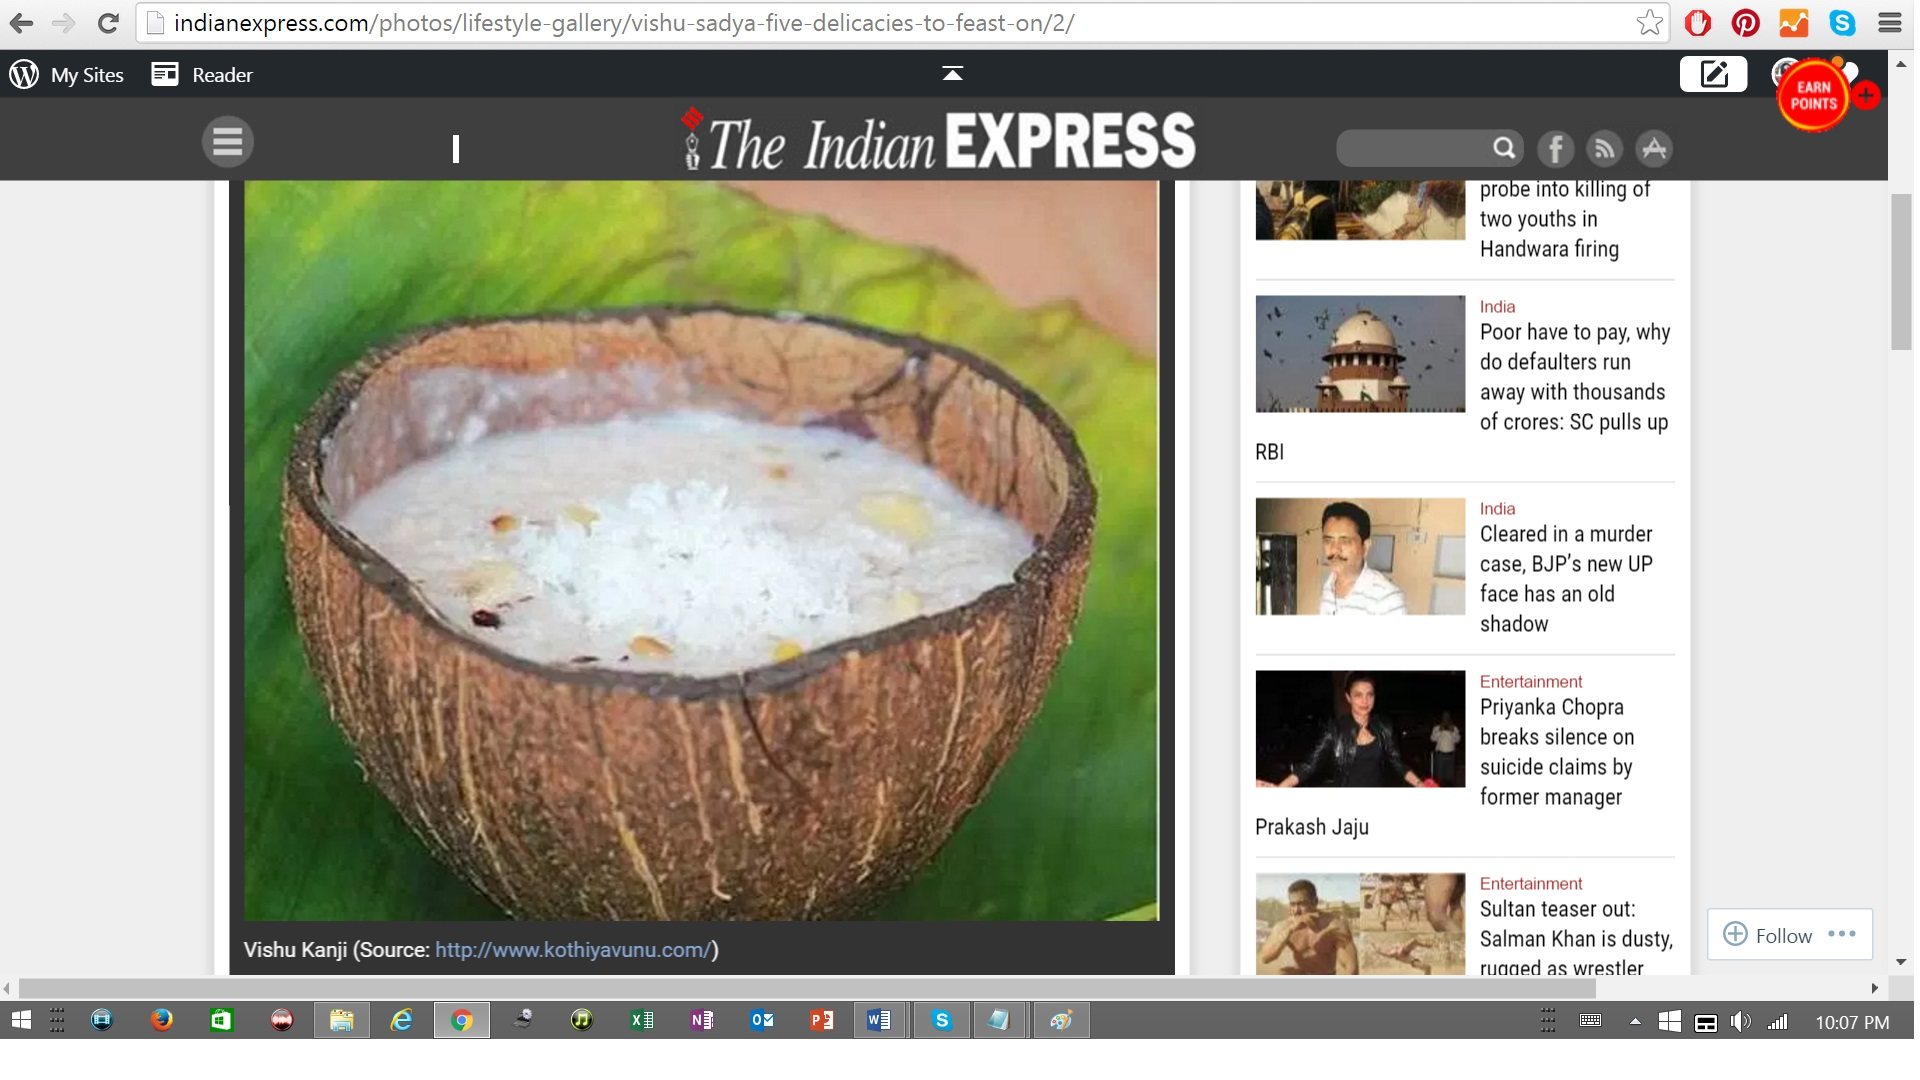 Vishu Kanji @Indianexpress